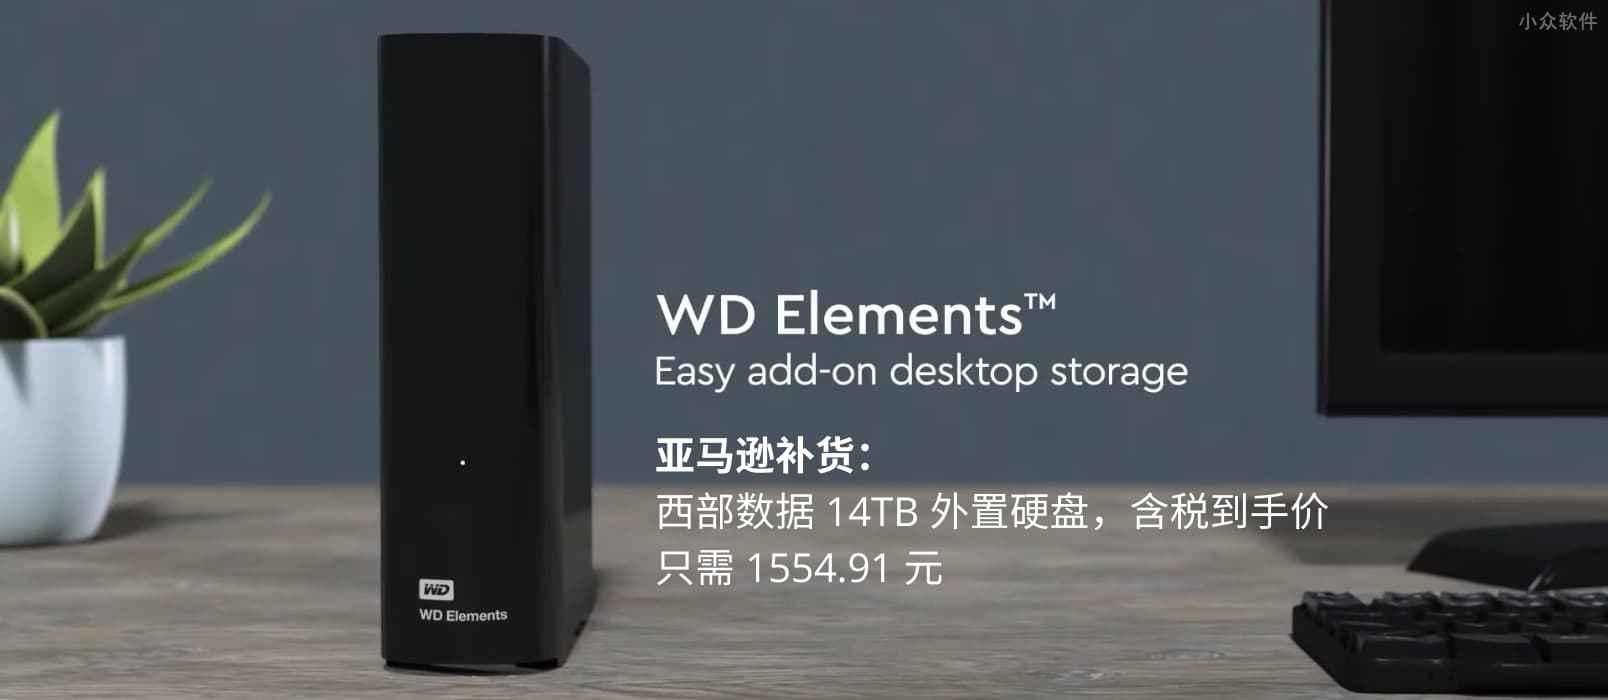 西部数据 14TB 外置硬盘超值特价